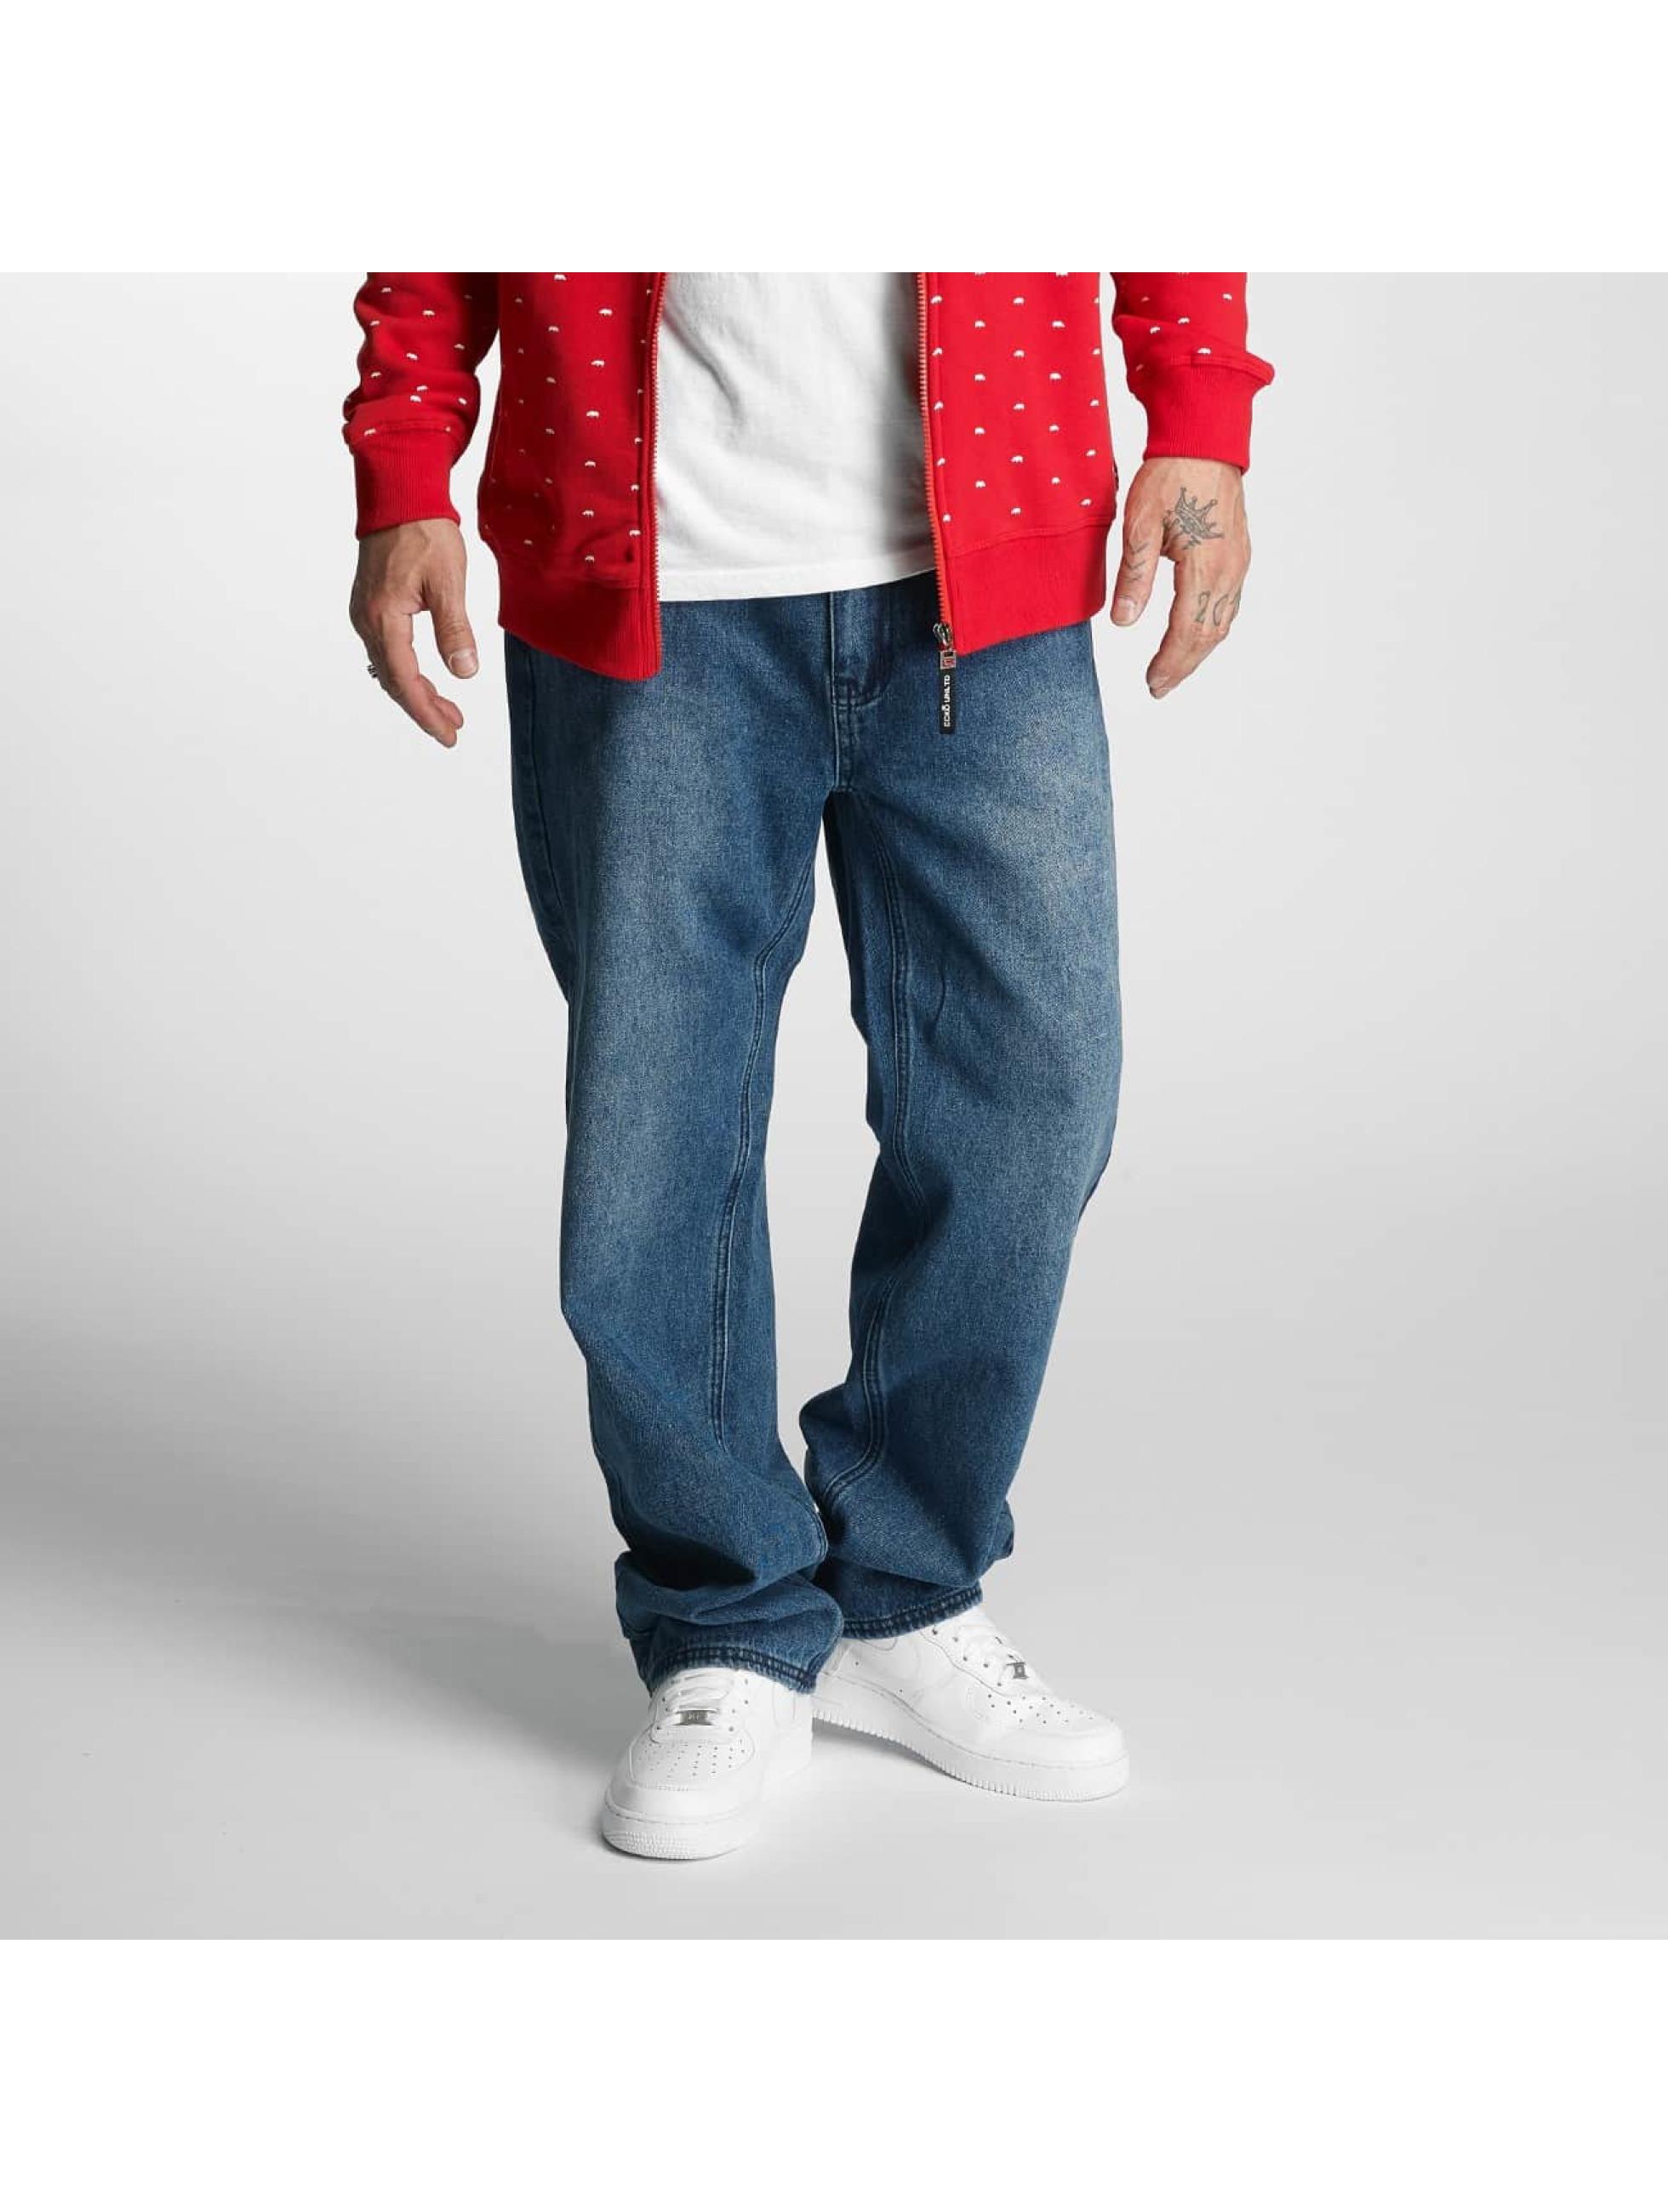 Ecko Unltd. / Straight Fit Jeans Illuminati in blue W 30 L 32